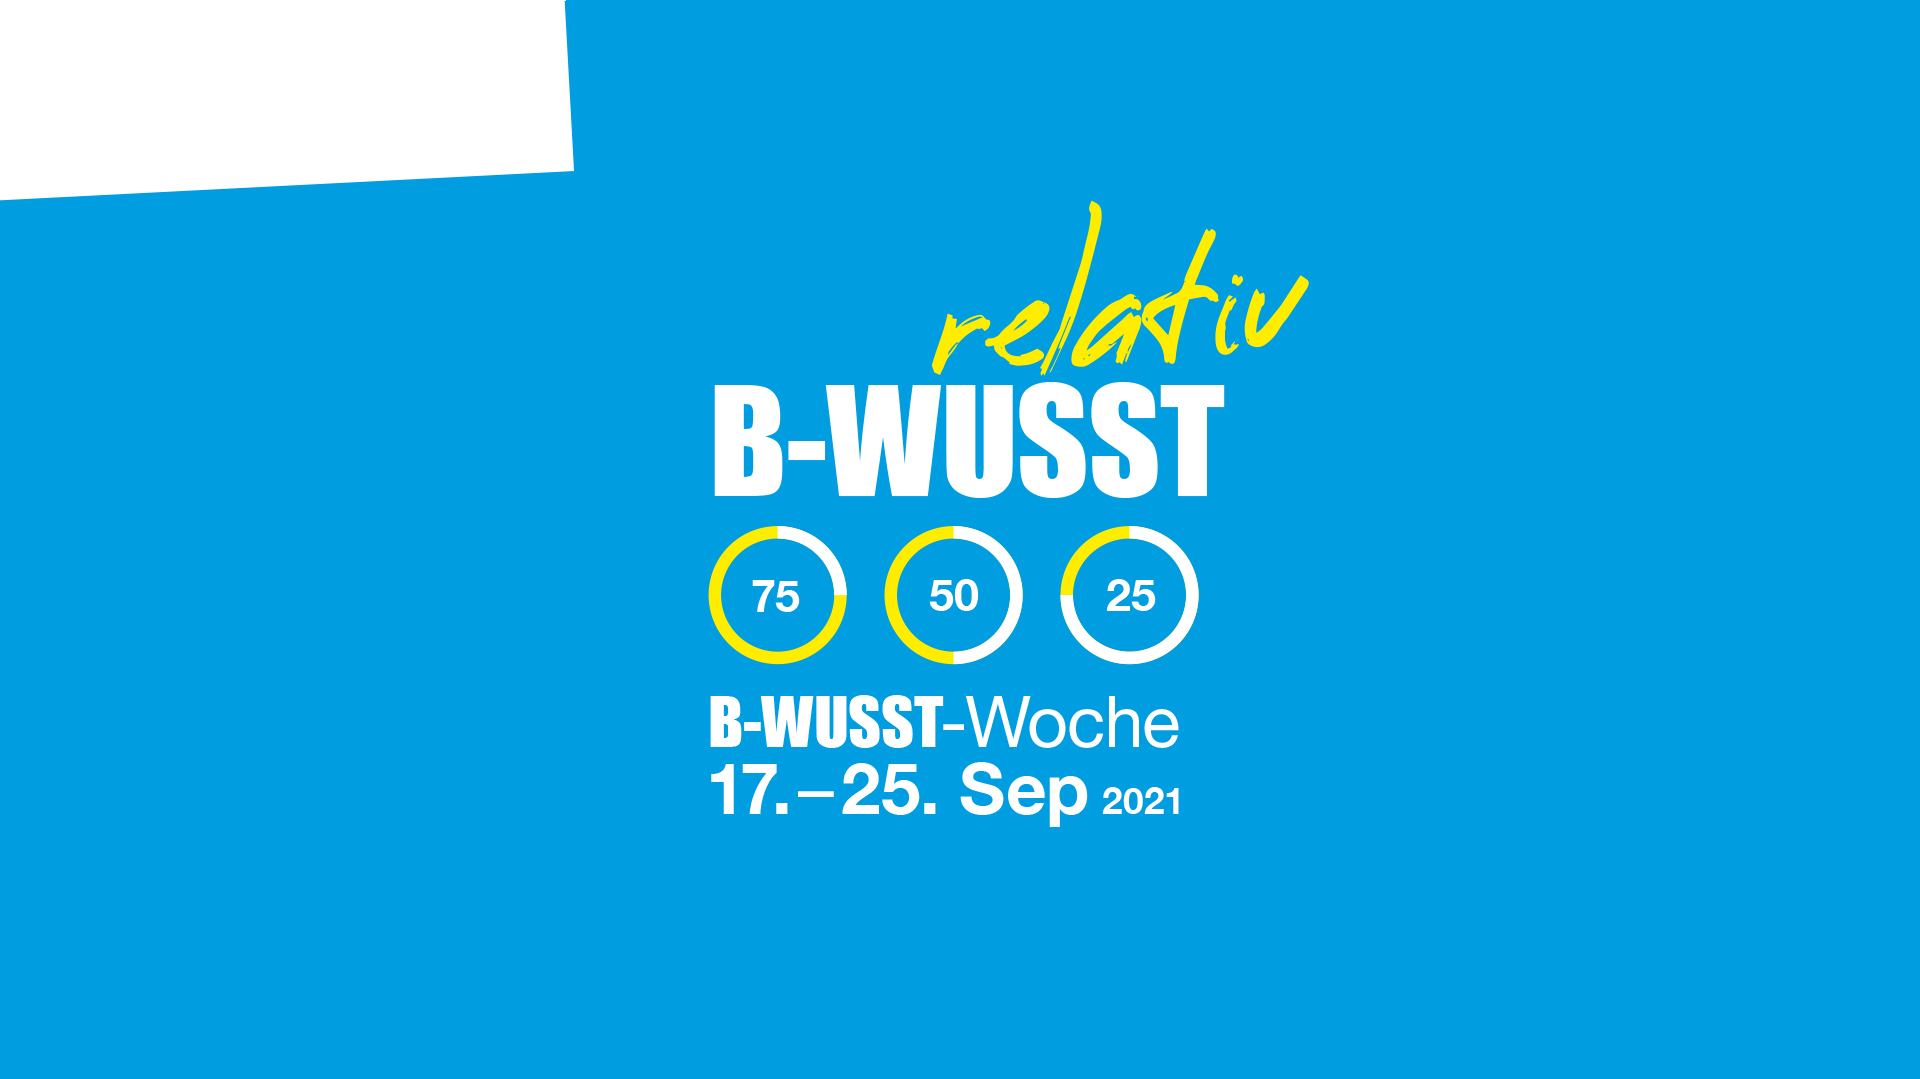 B-WUSST Blende Start -relativ-B-WUSST 2021-